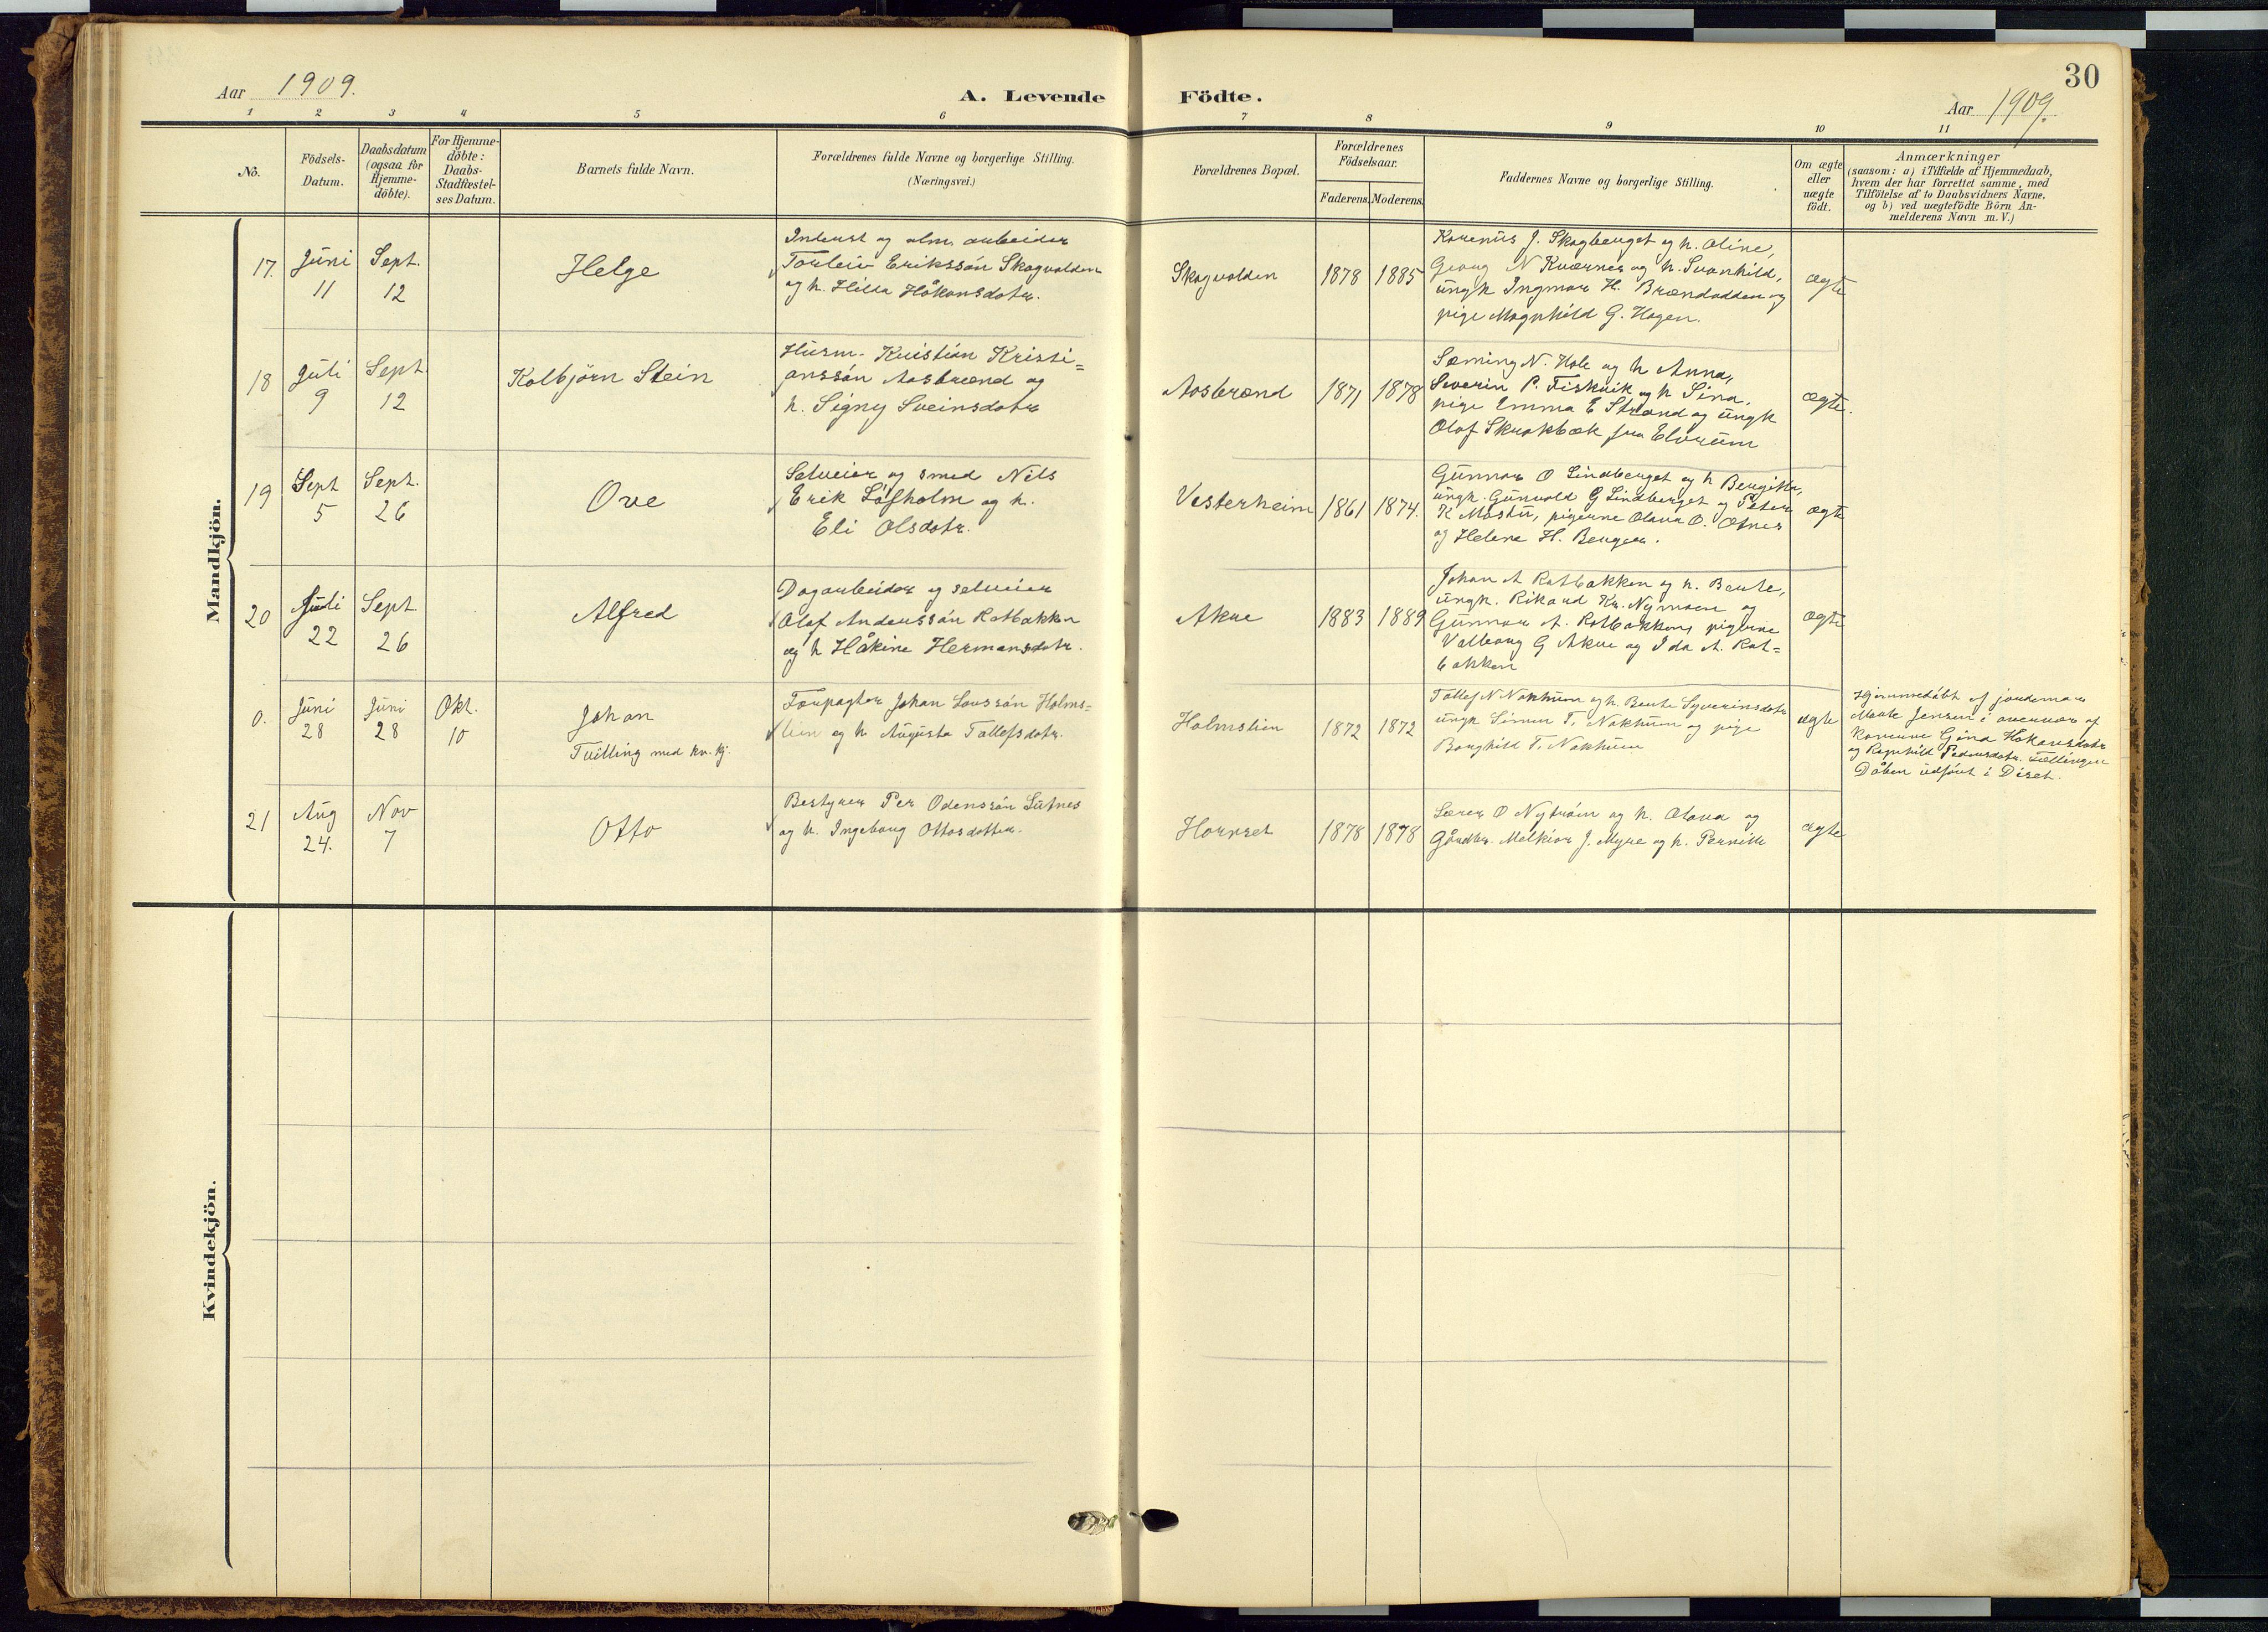 SAH, Rendalen prestekontor, H/Ha/Hab/L0010: Klokkerbok nr. 10, 1903-1940, s. 30